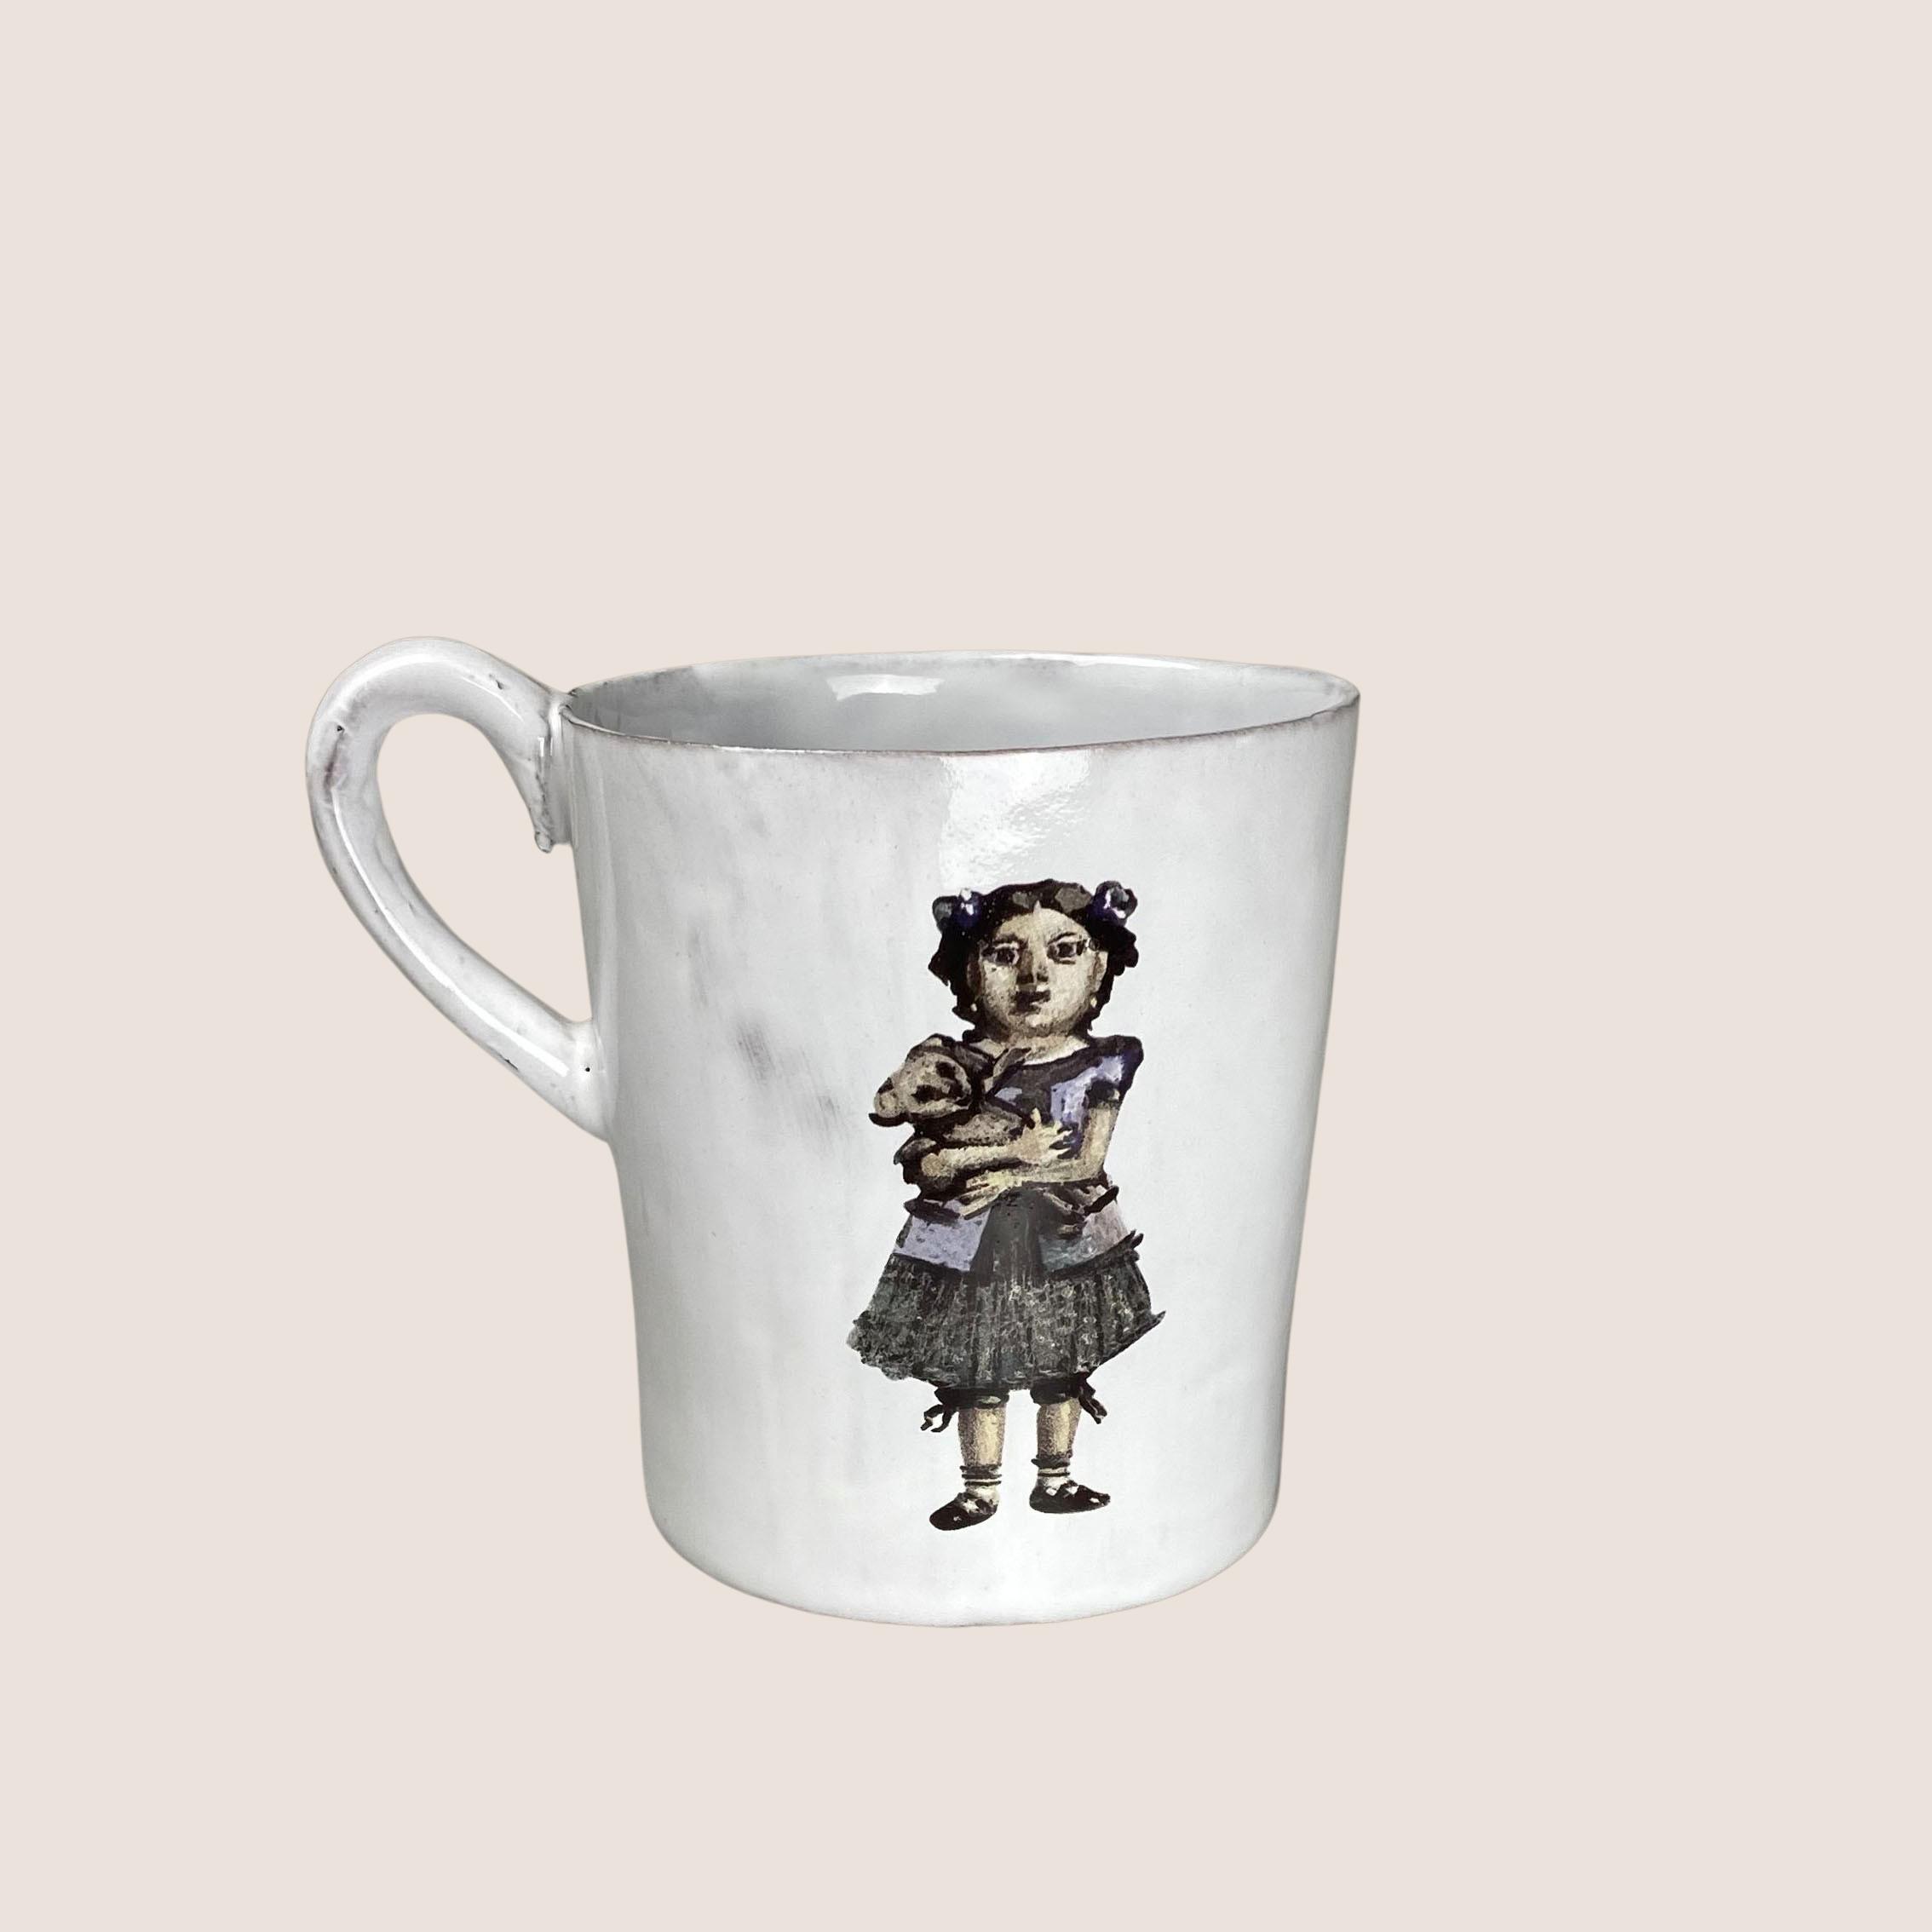 Illustrated Mug - Elle